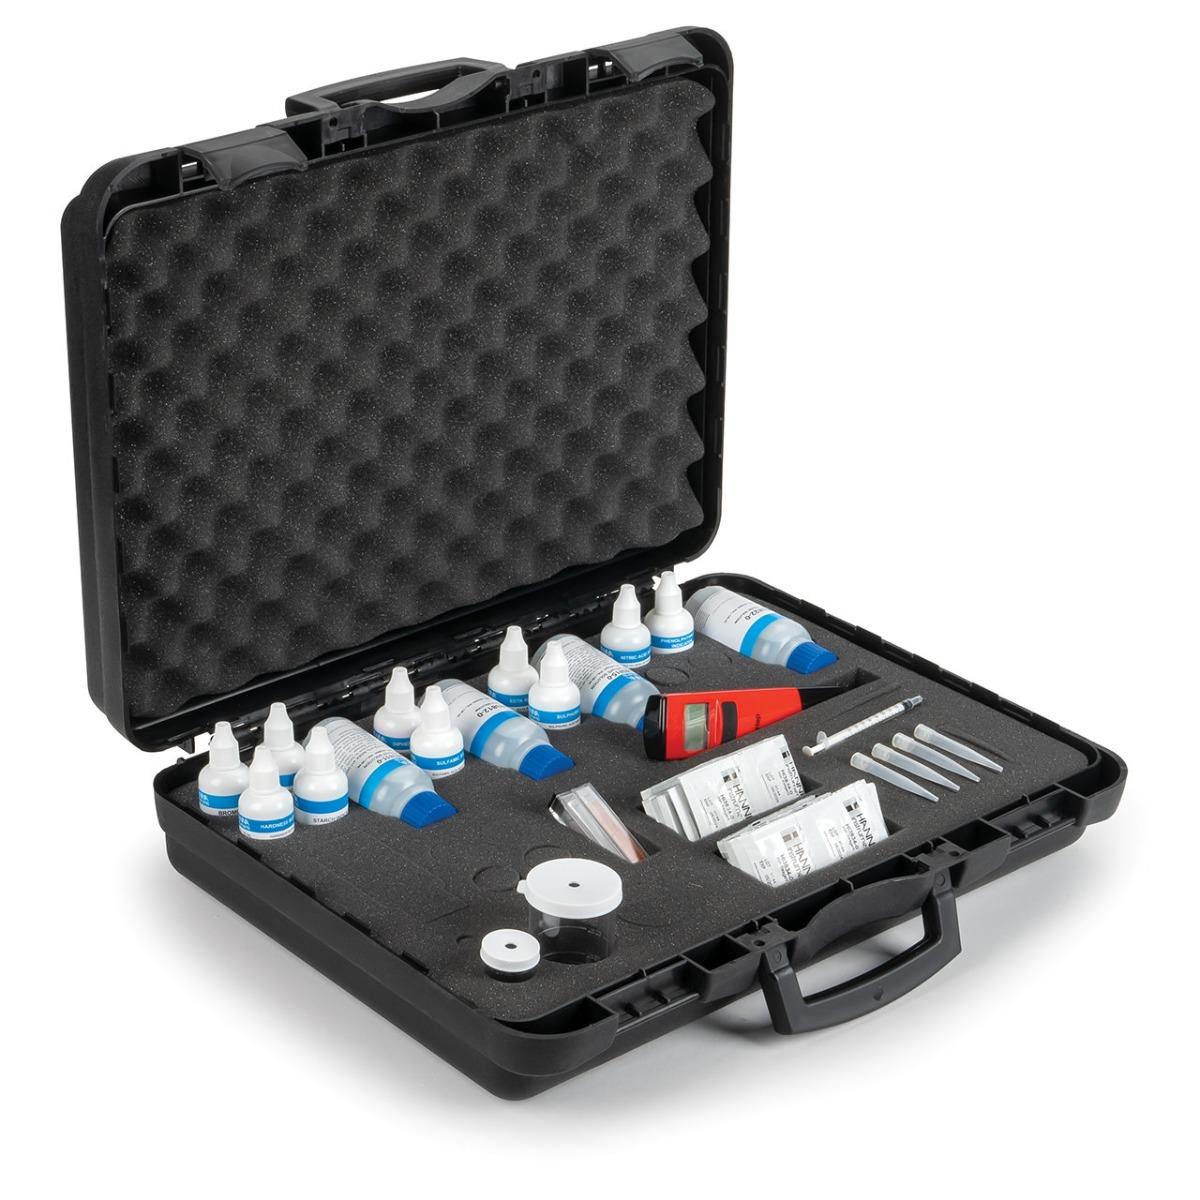 Kit per l'analisi della qualità dell'acqua - HI3817